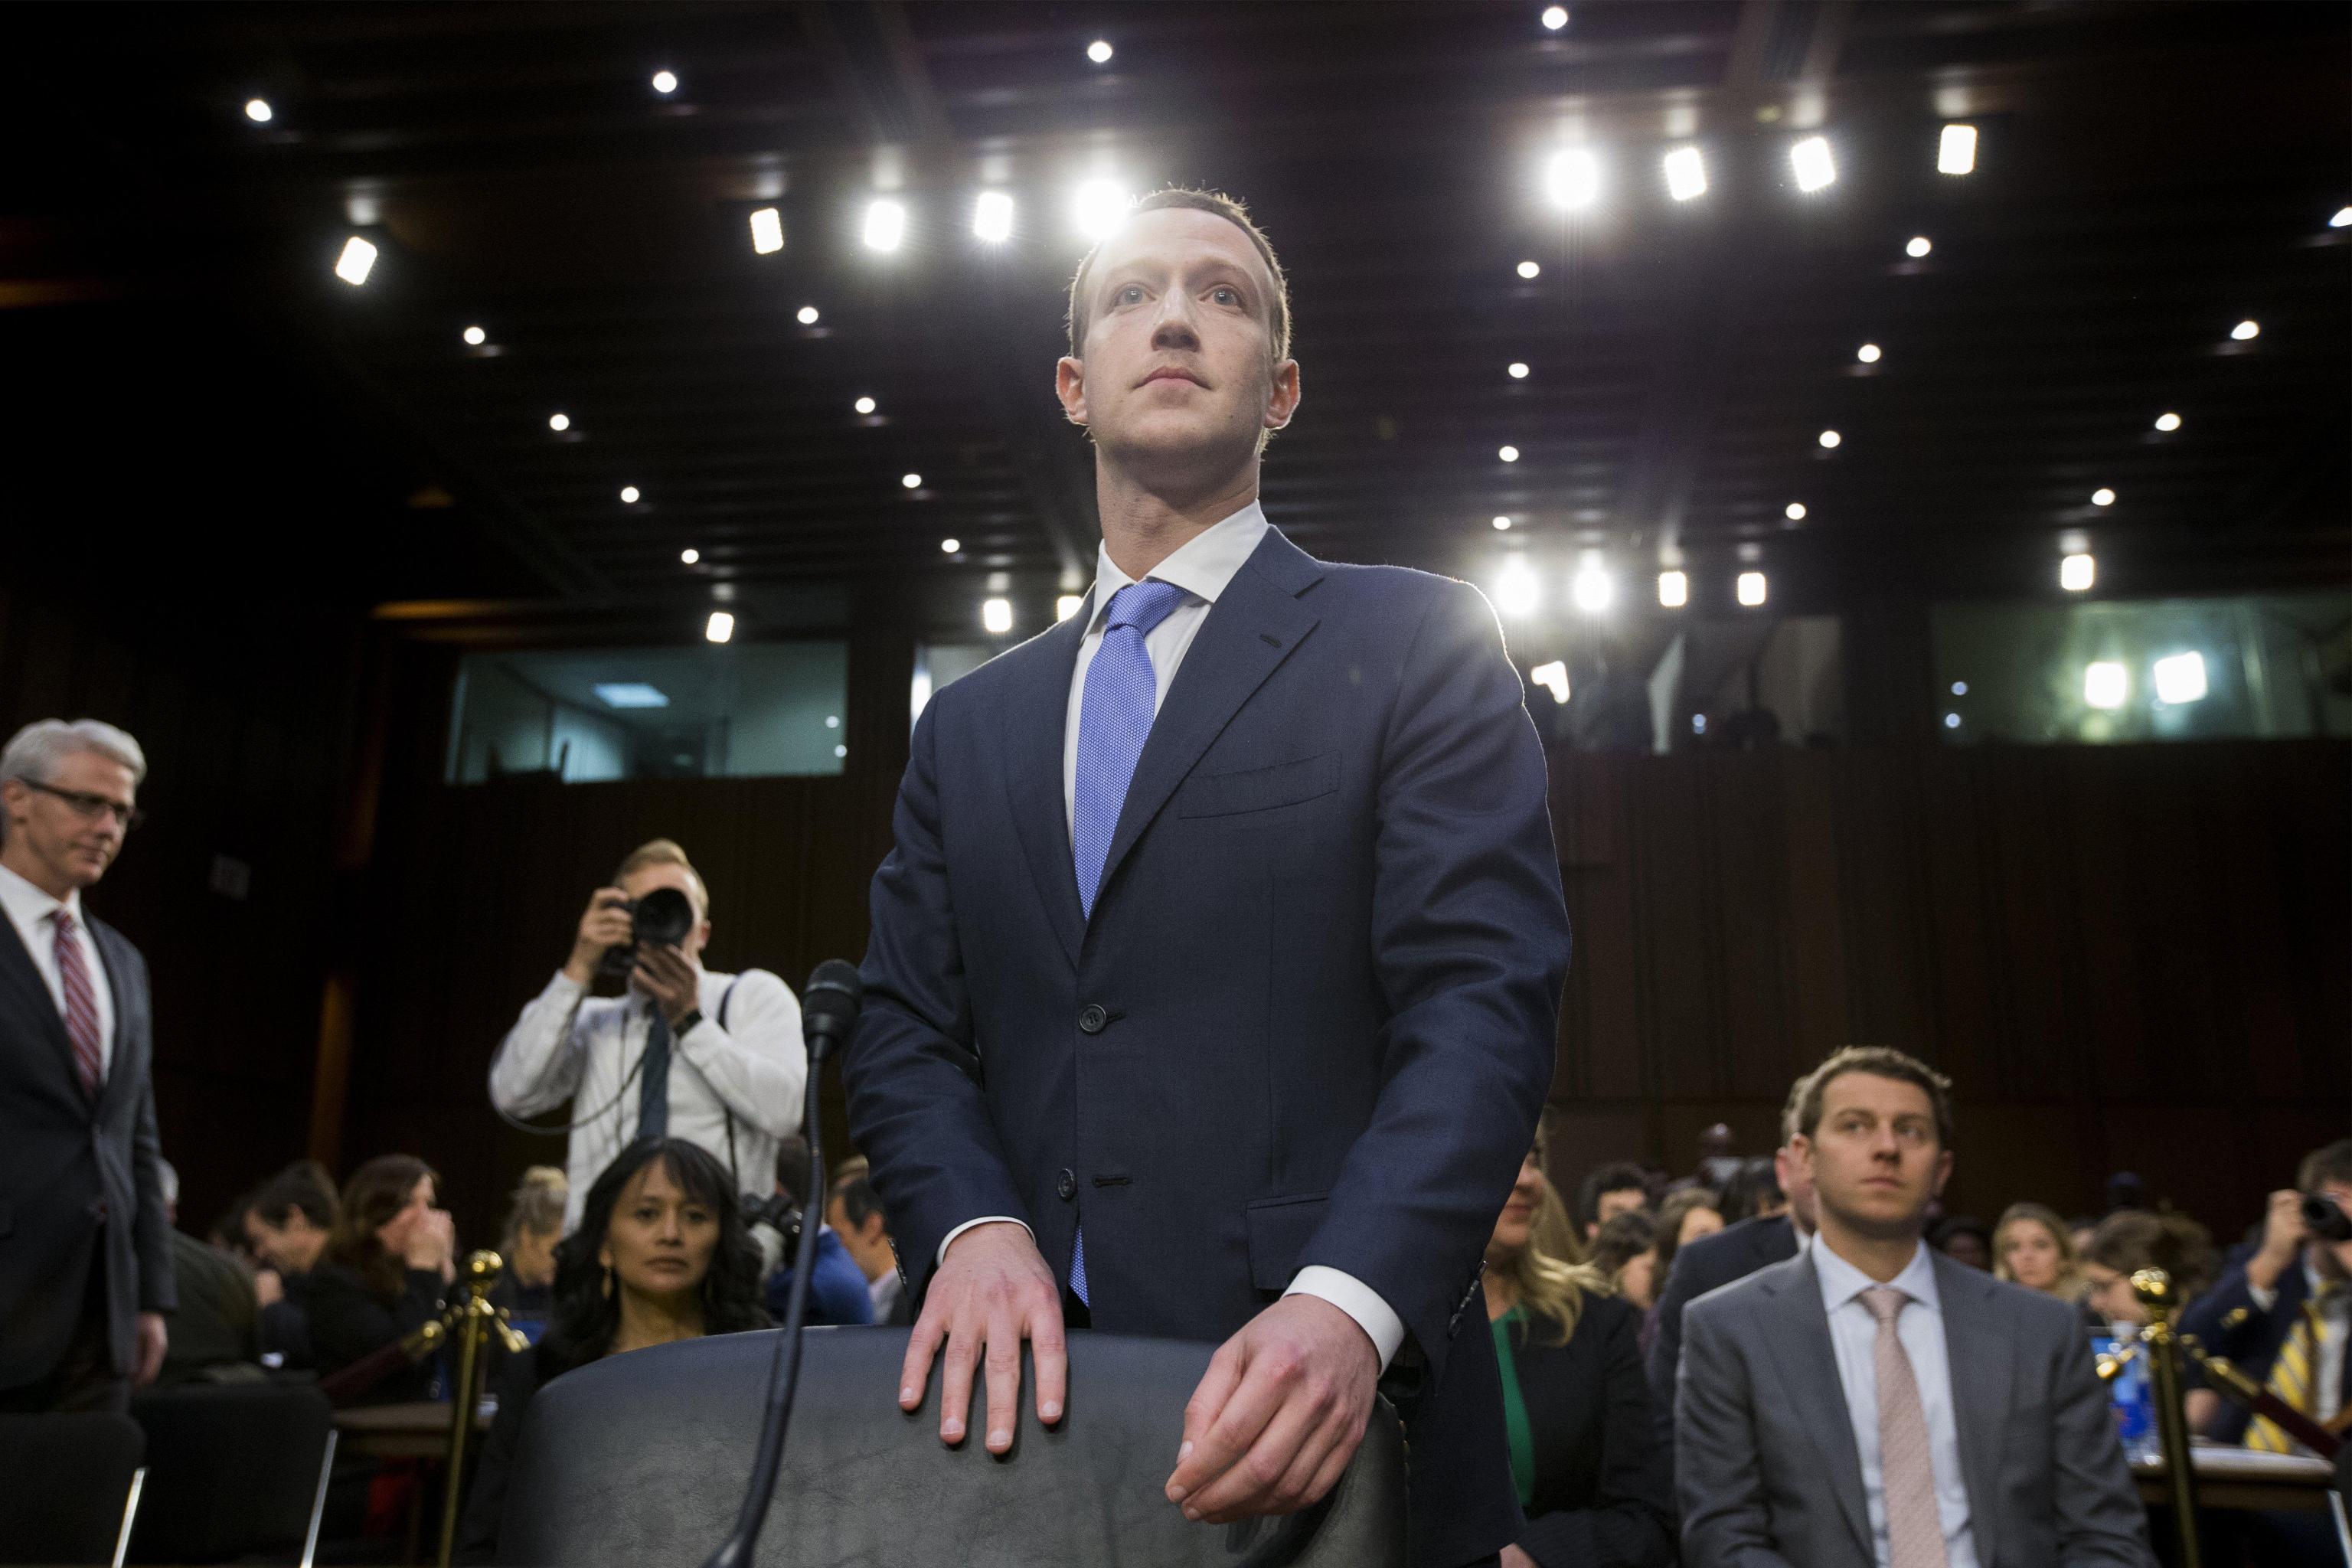 Facebook a pagamento dopo lo scandalo Cambridge Analytica?